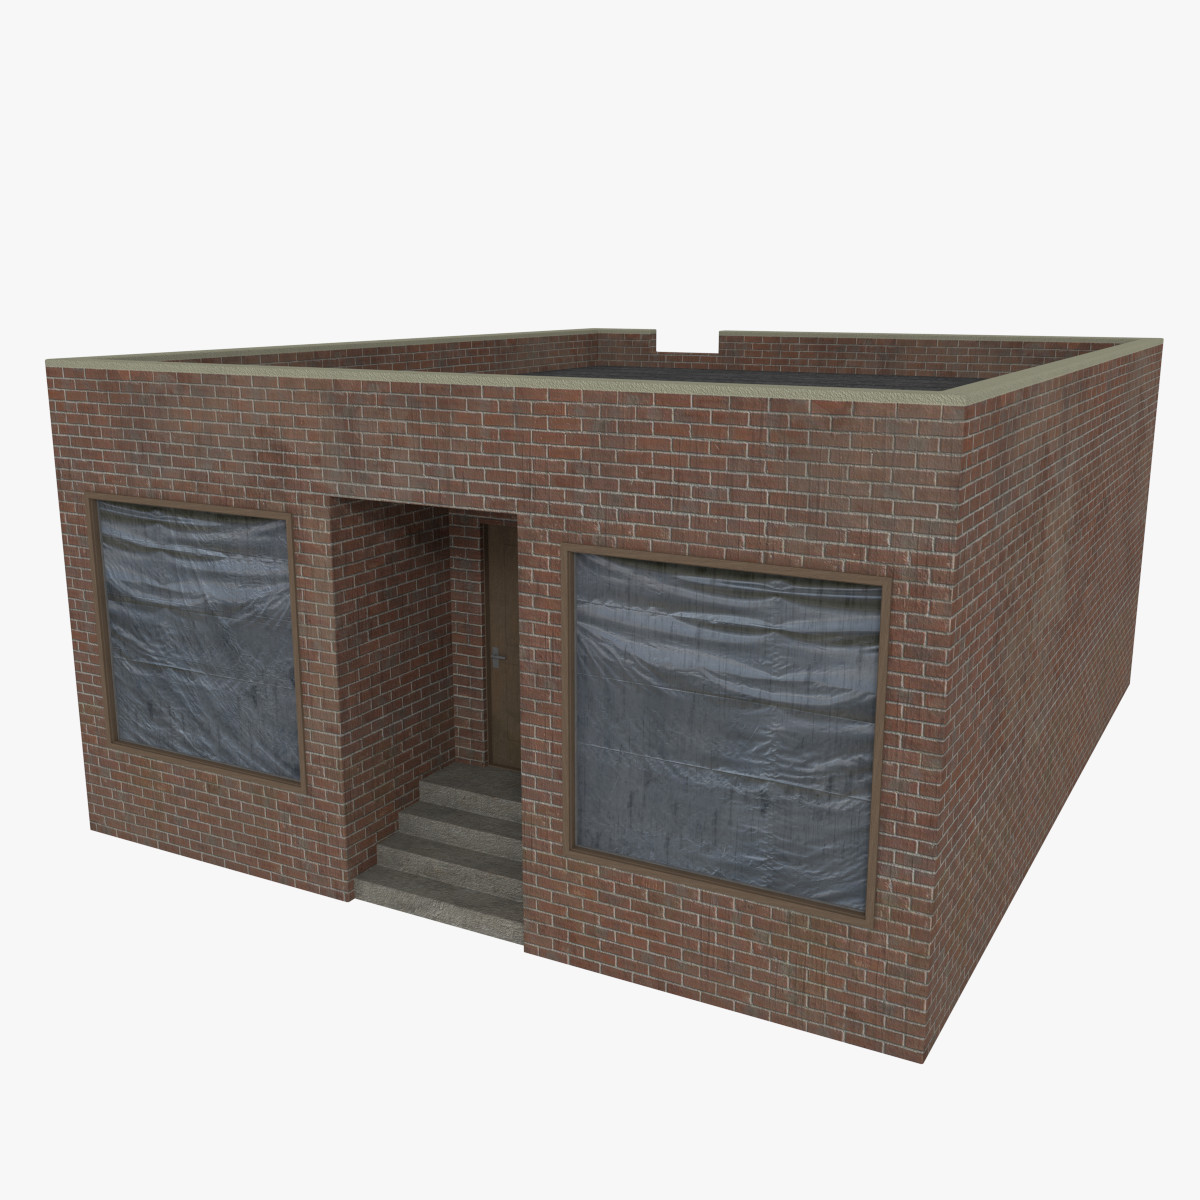 BrickStore01NI_Preview01.png